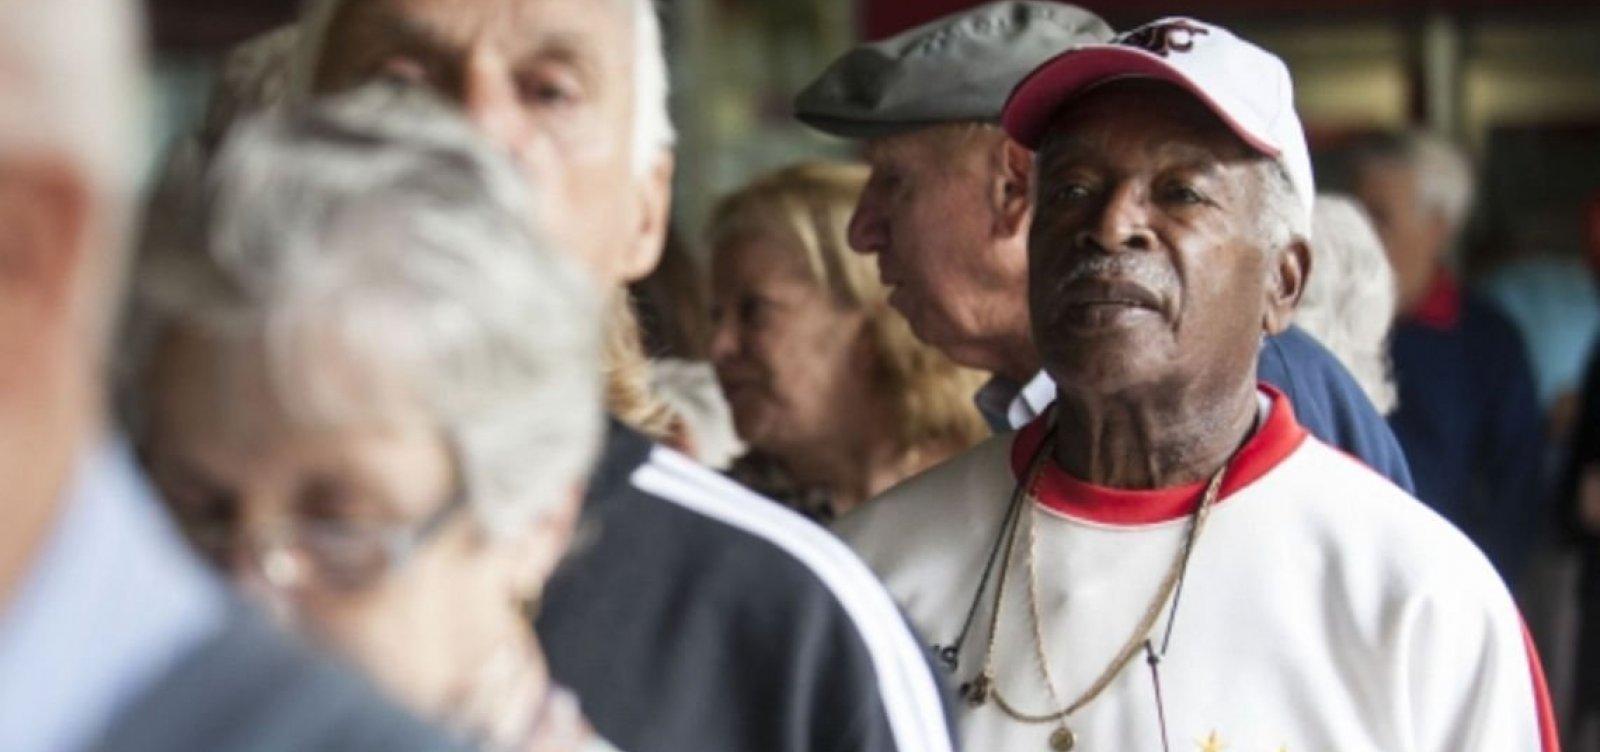 Expectativa de vida cresce na Bahia e chega a quase 74 anos, diz IBGE